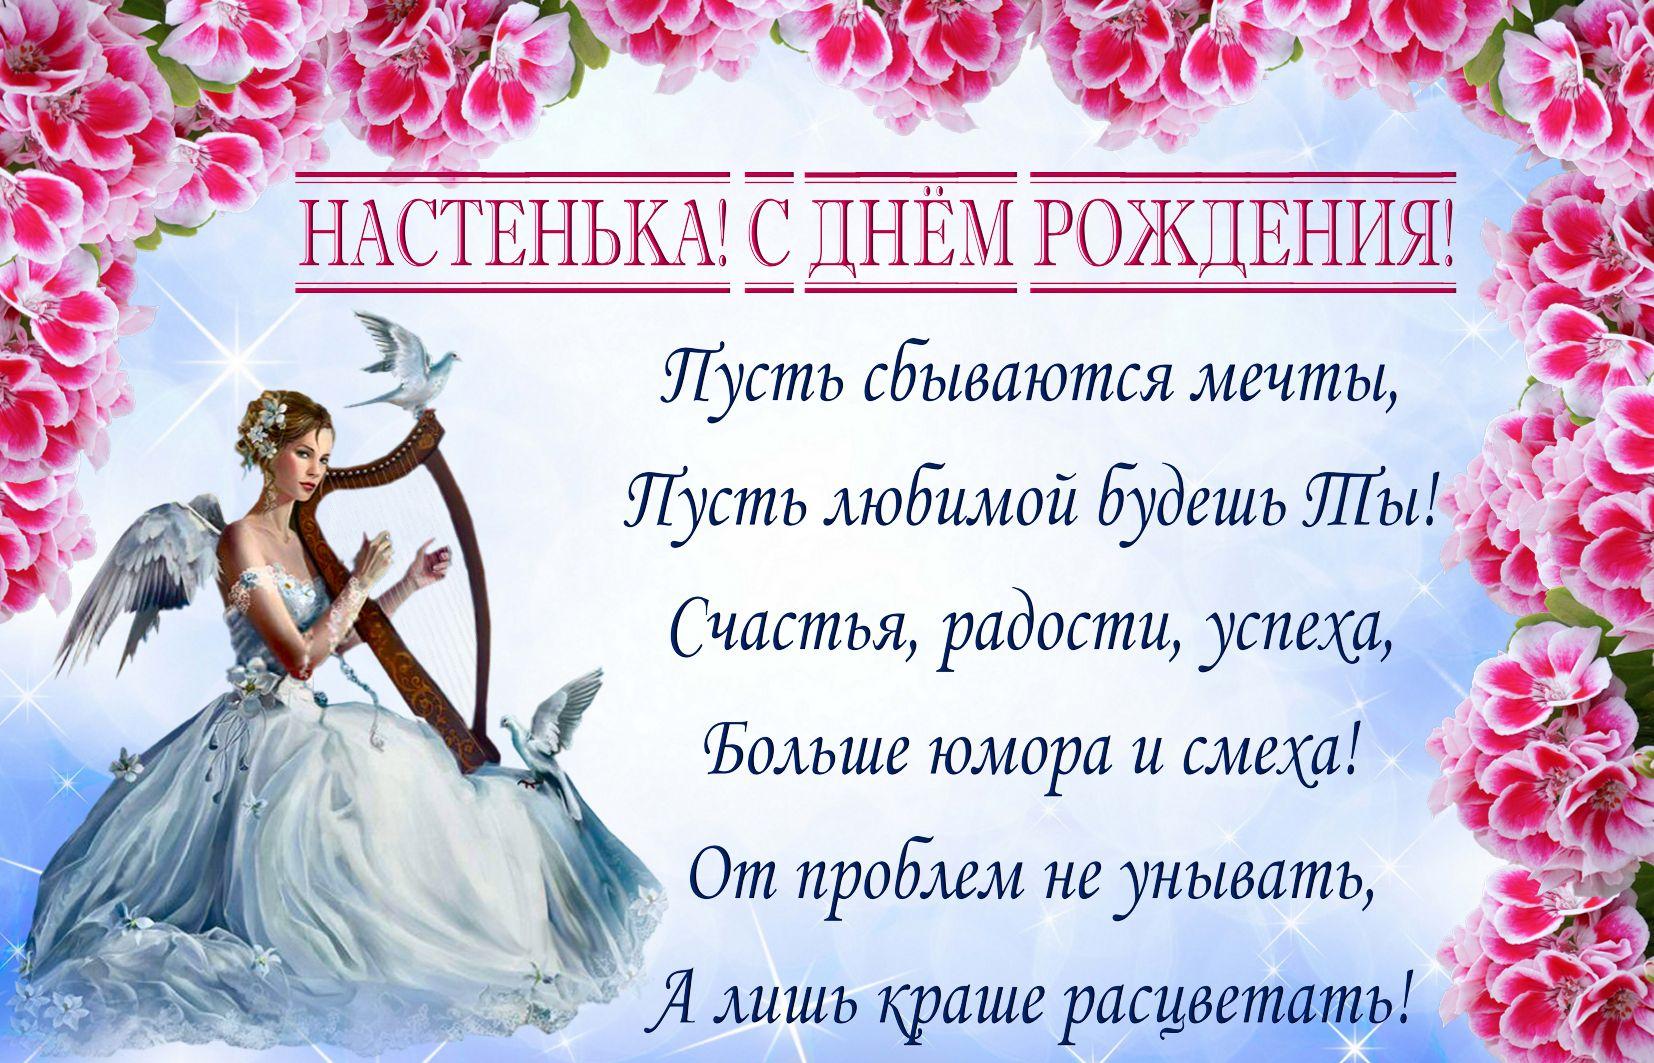 Красивая открытка со стихами с днём рождения Настенька!